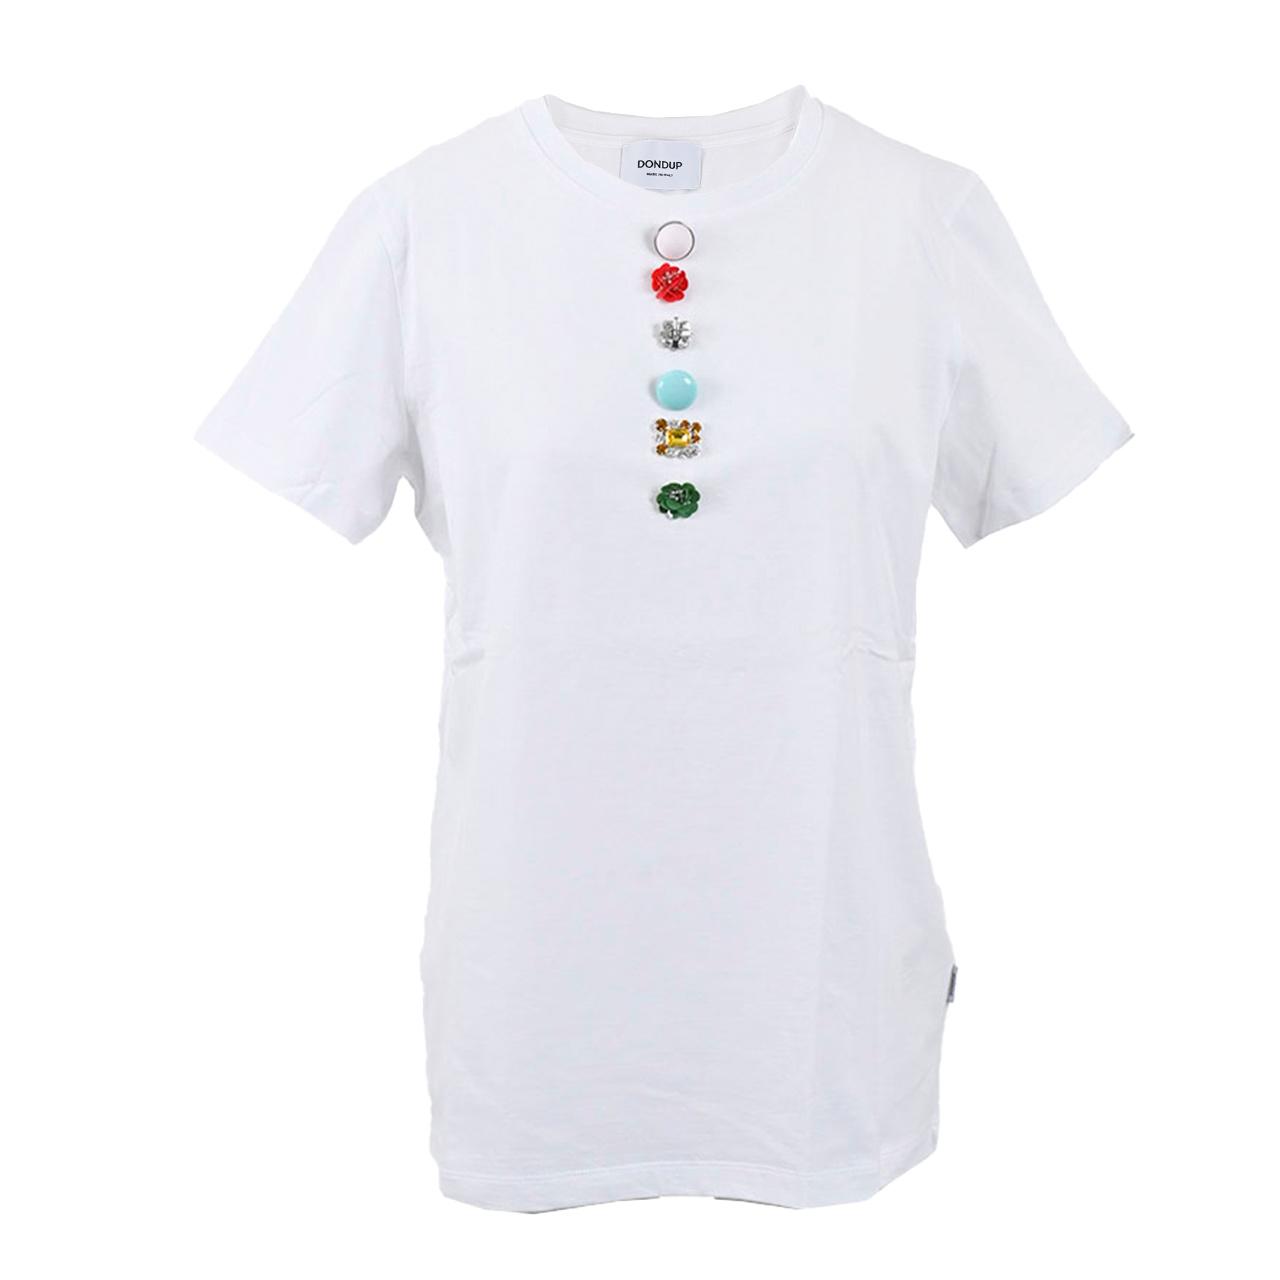 ドンダップ Tシャツ DONDUP S007 JF049D Q37 ホワイト 母の日 プレゼント